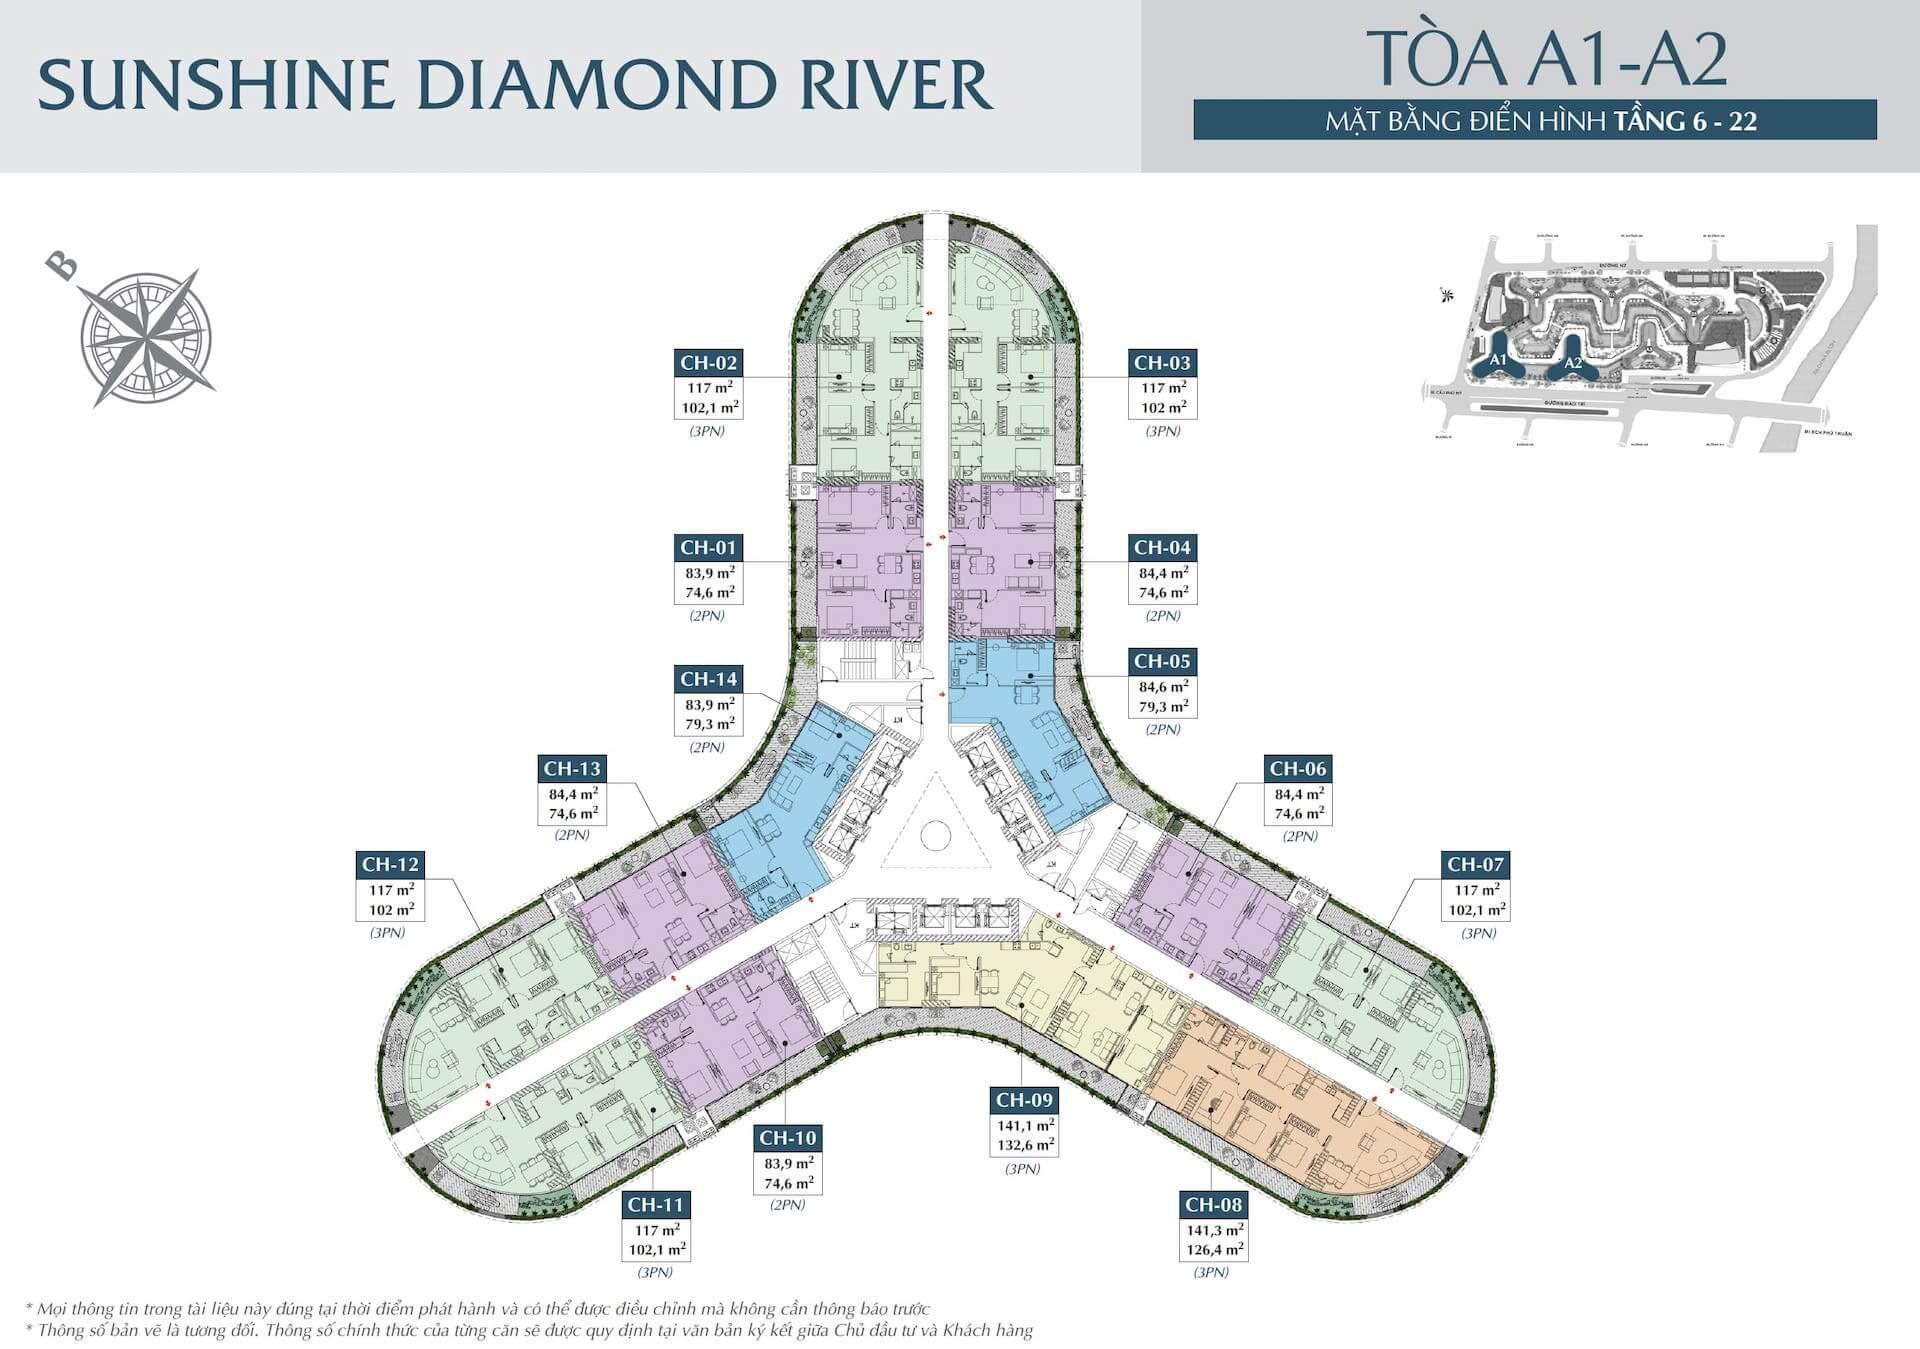 Mặt bằng tầng 6-22 toà A1 và toà A2 dự án Sunshine Diamond River quận 7